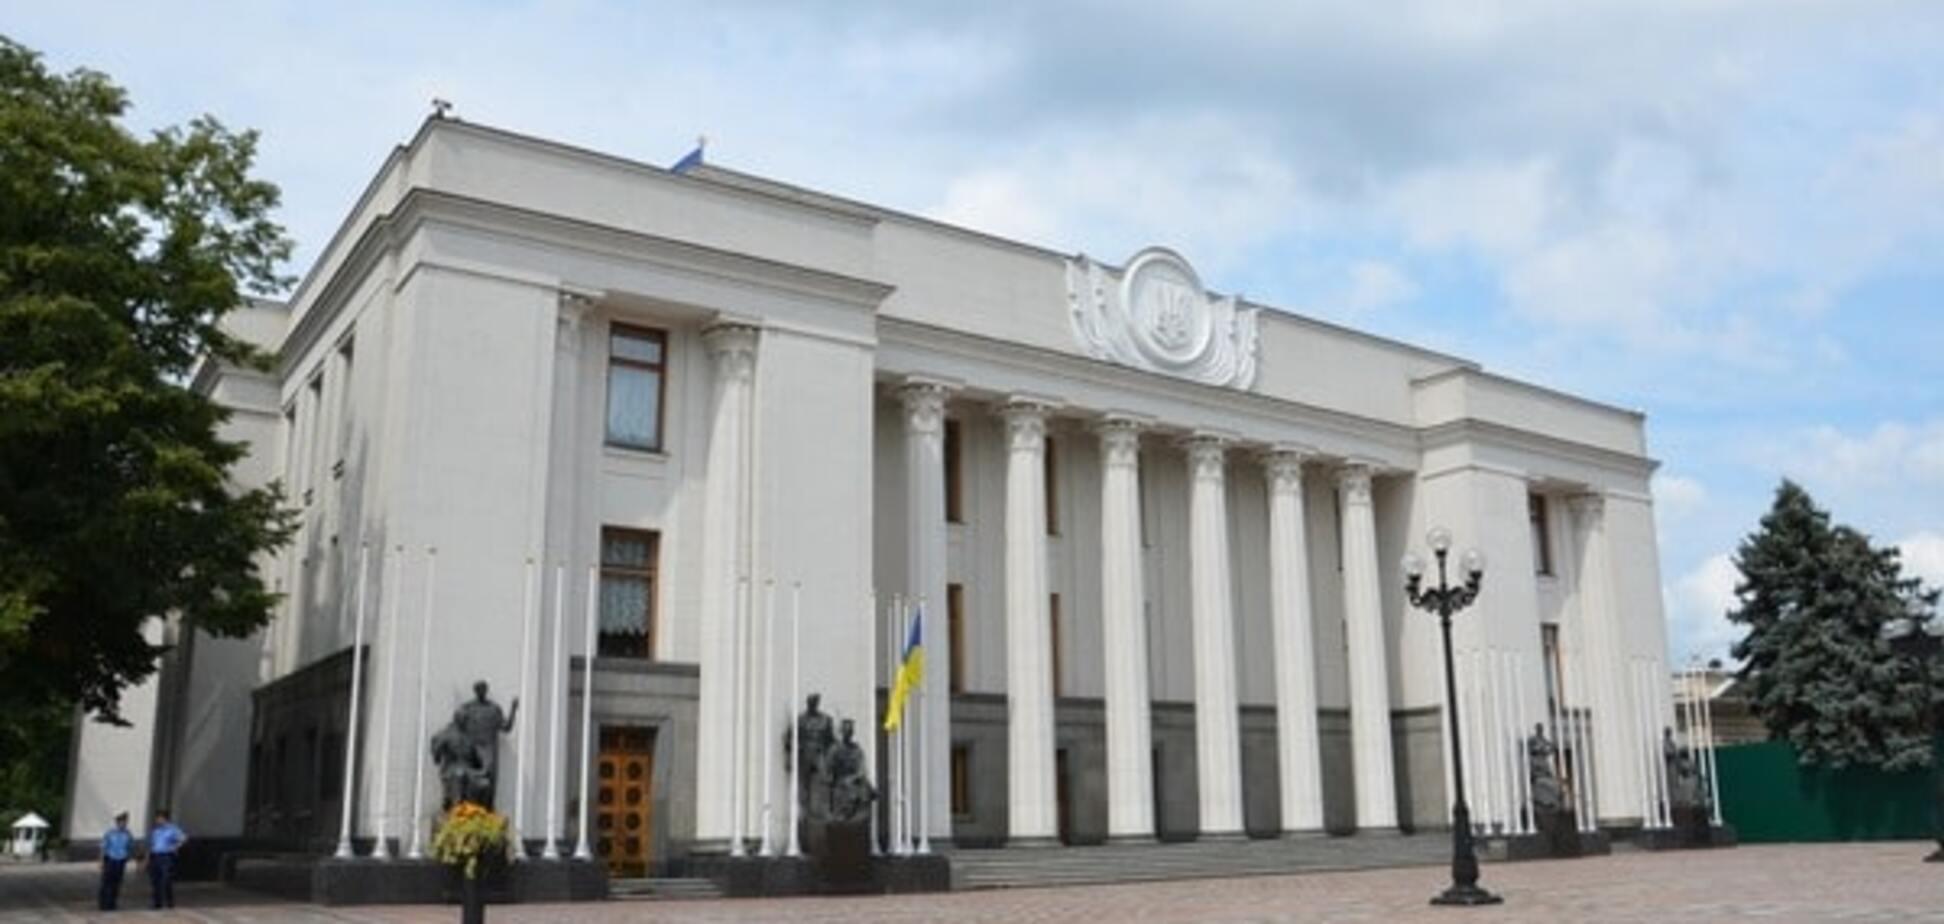 Анонім із Донбасу 'замінував' Верховну Раду